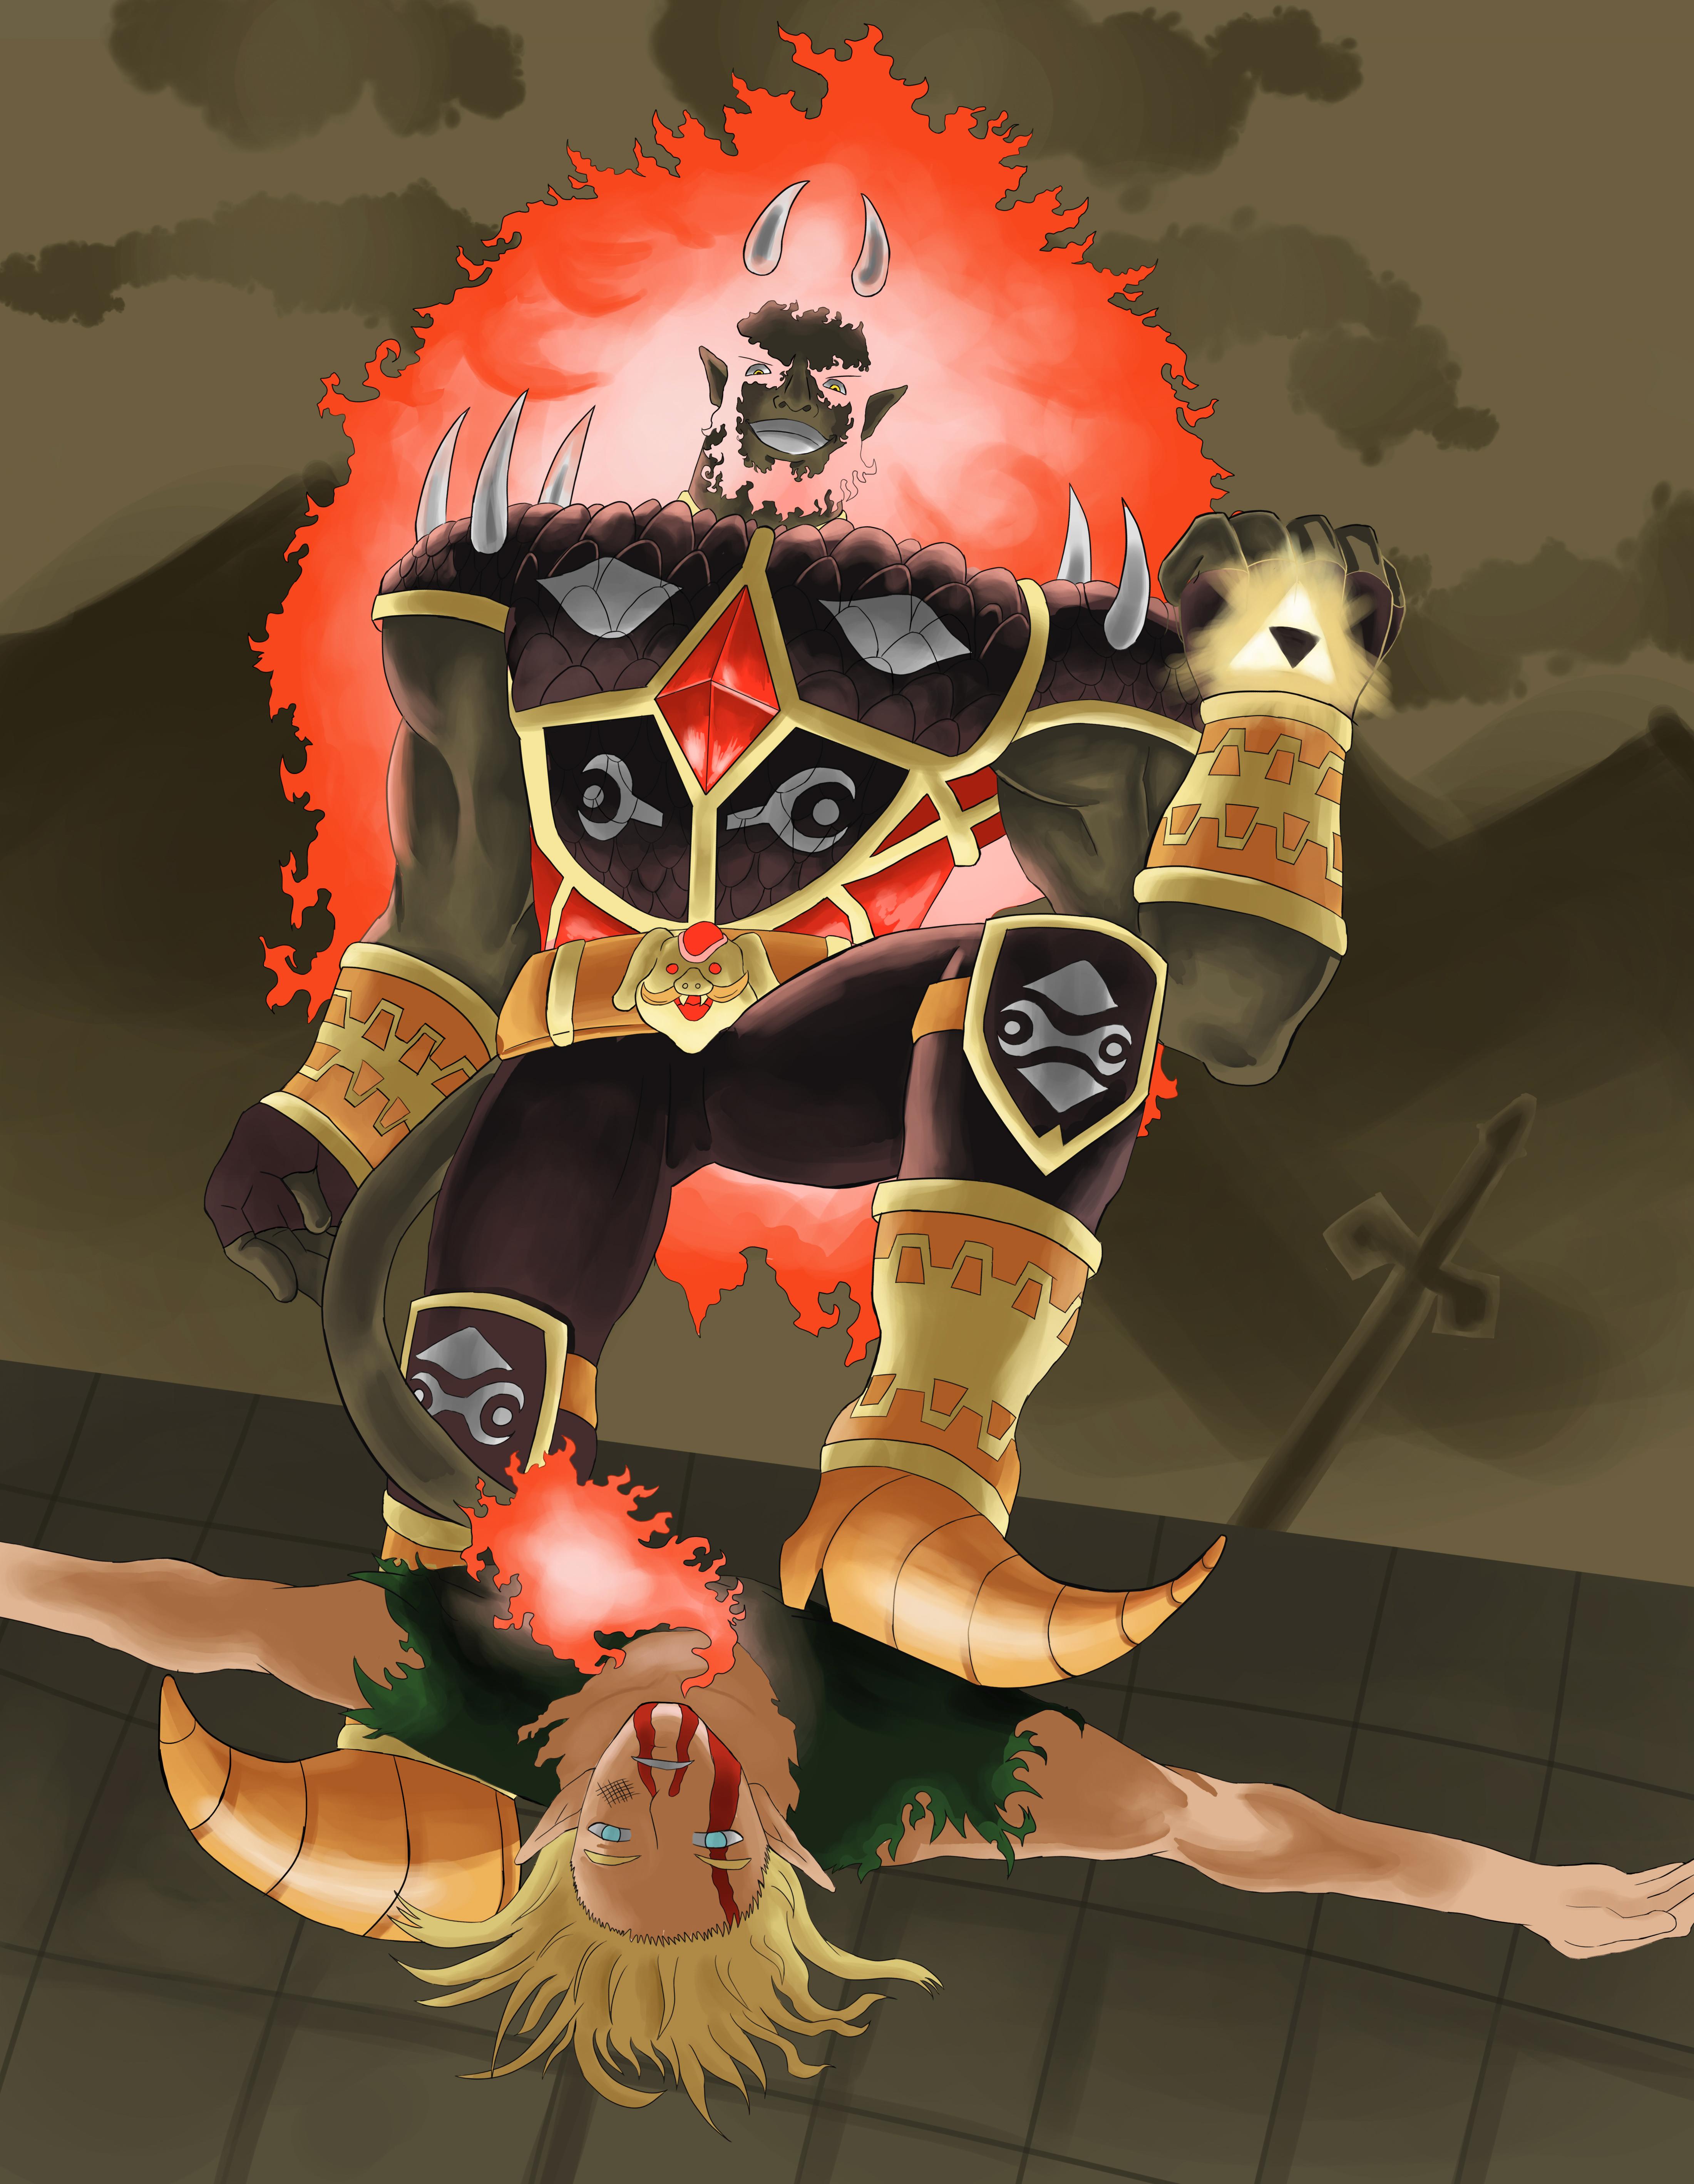 Max Level Ganondorf